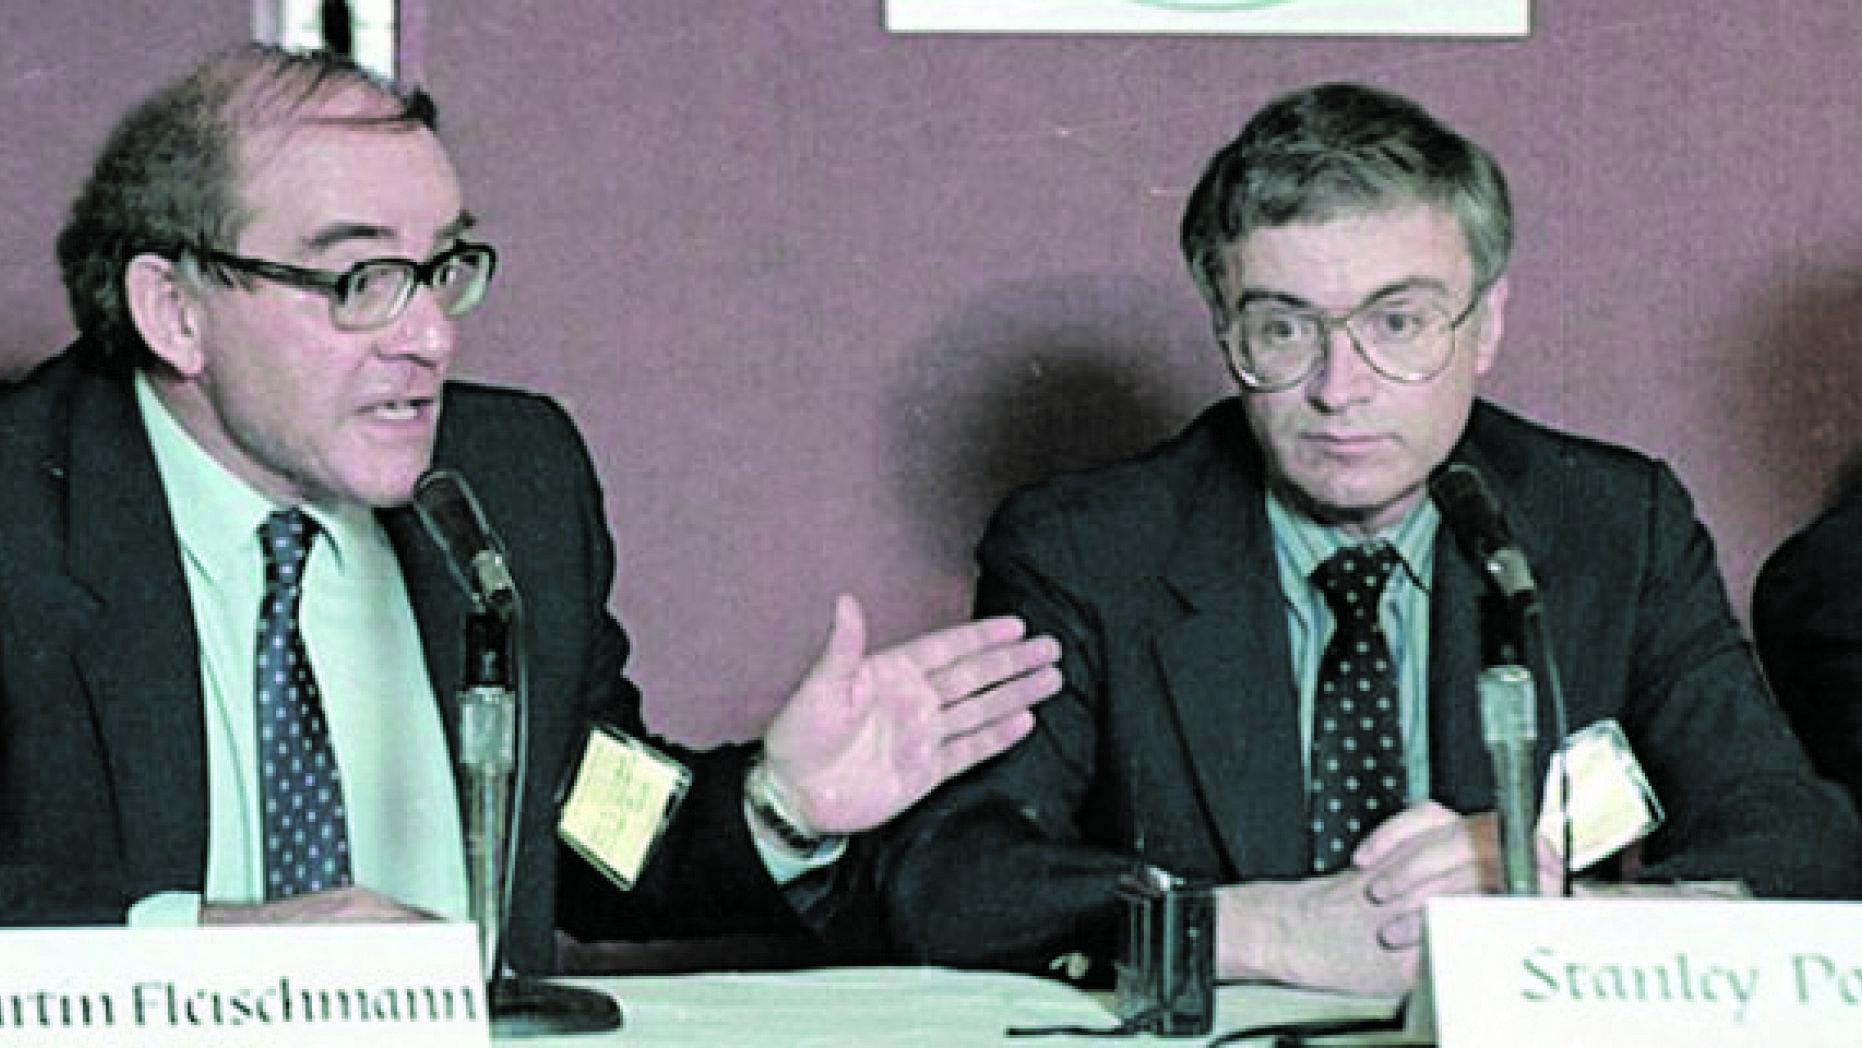 Флейшман и Понс на пресс-конференции в Лос-Анджелесе 9 мая 1989 года. Фото с сайта foxnews.com